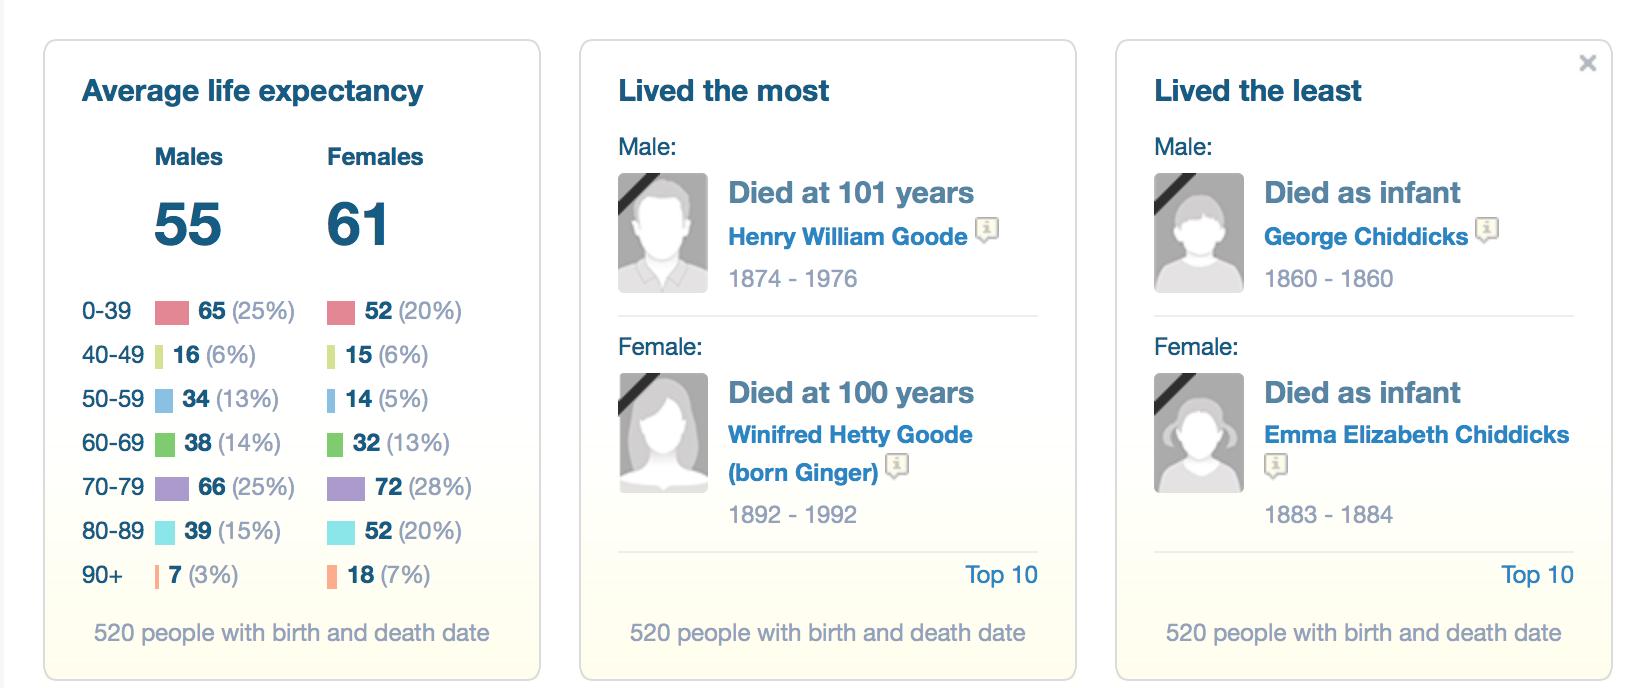 Average life expectancy